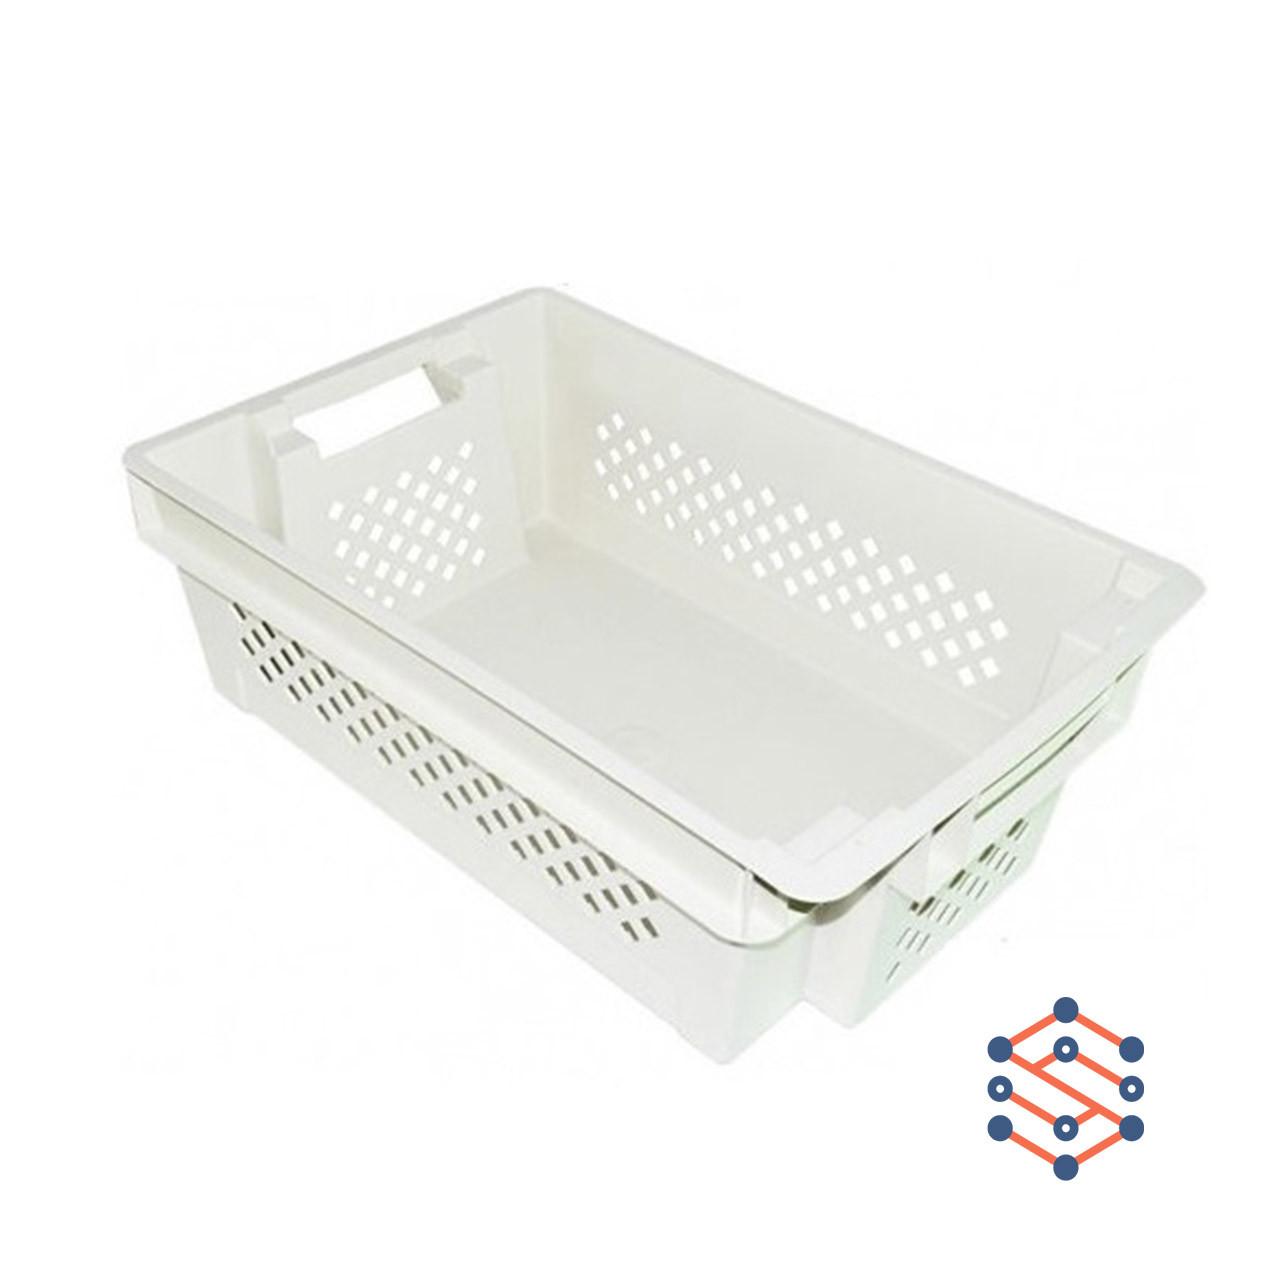 Пластиковый ящик дно сплошное стенки перфорированные 600х400х200 мм